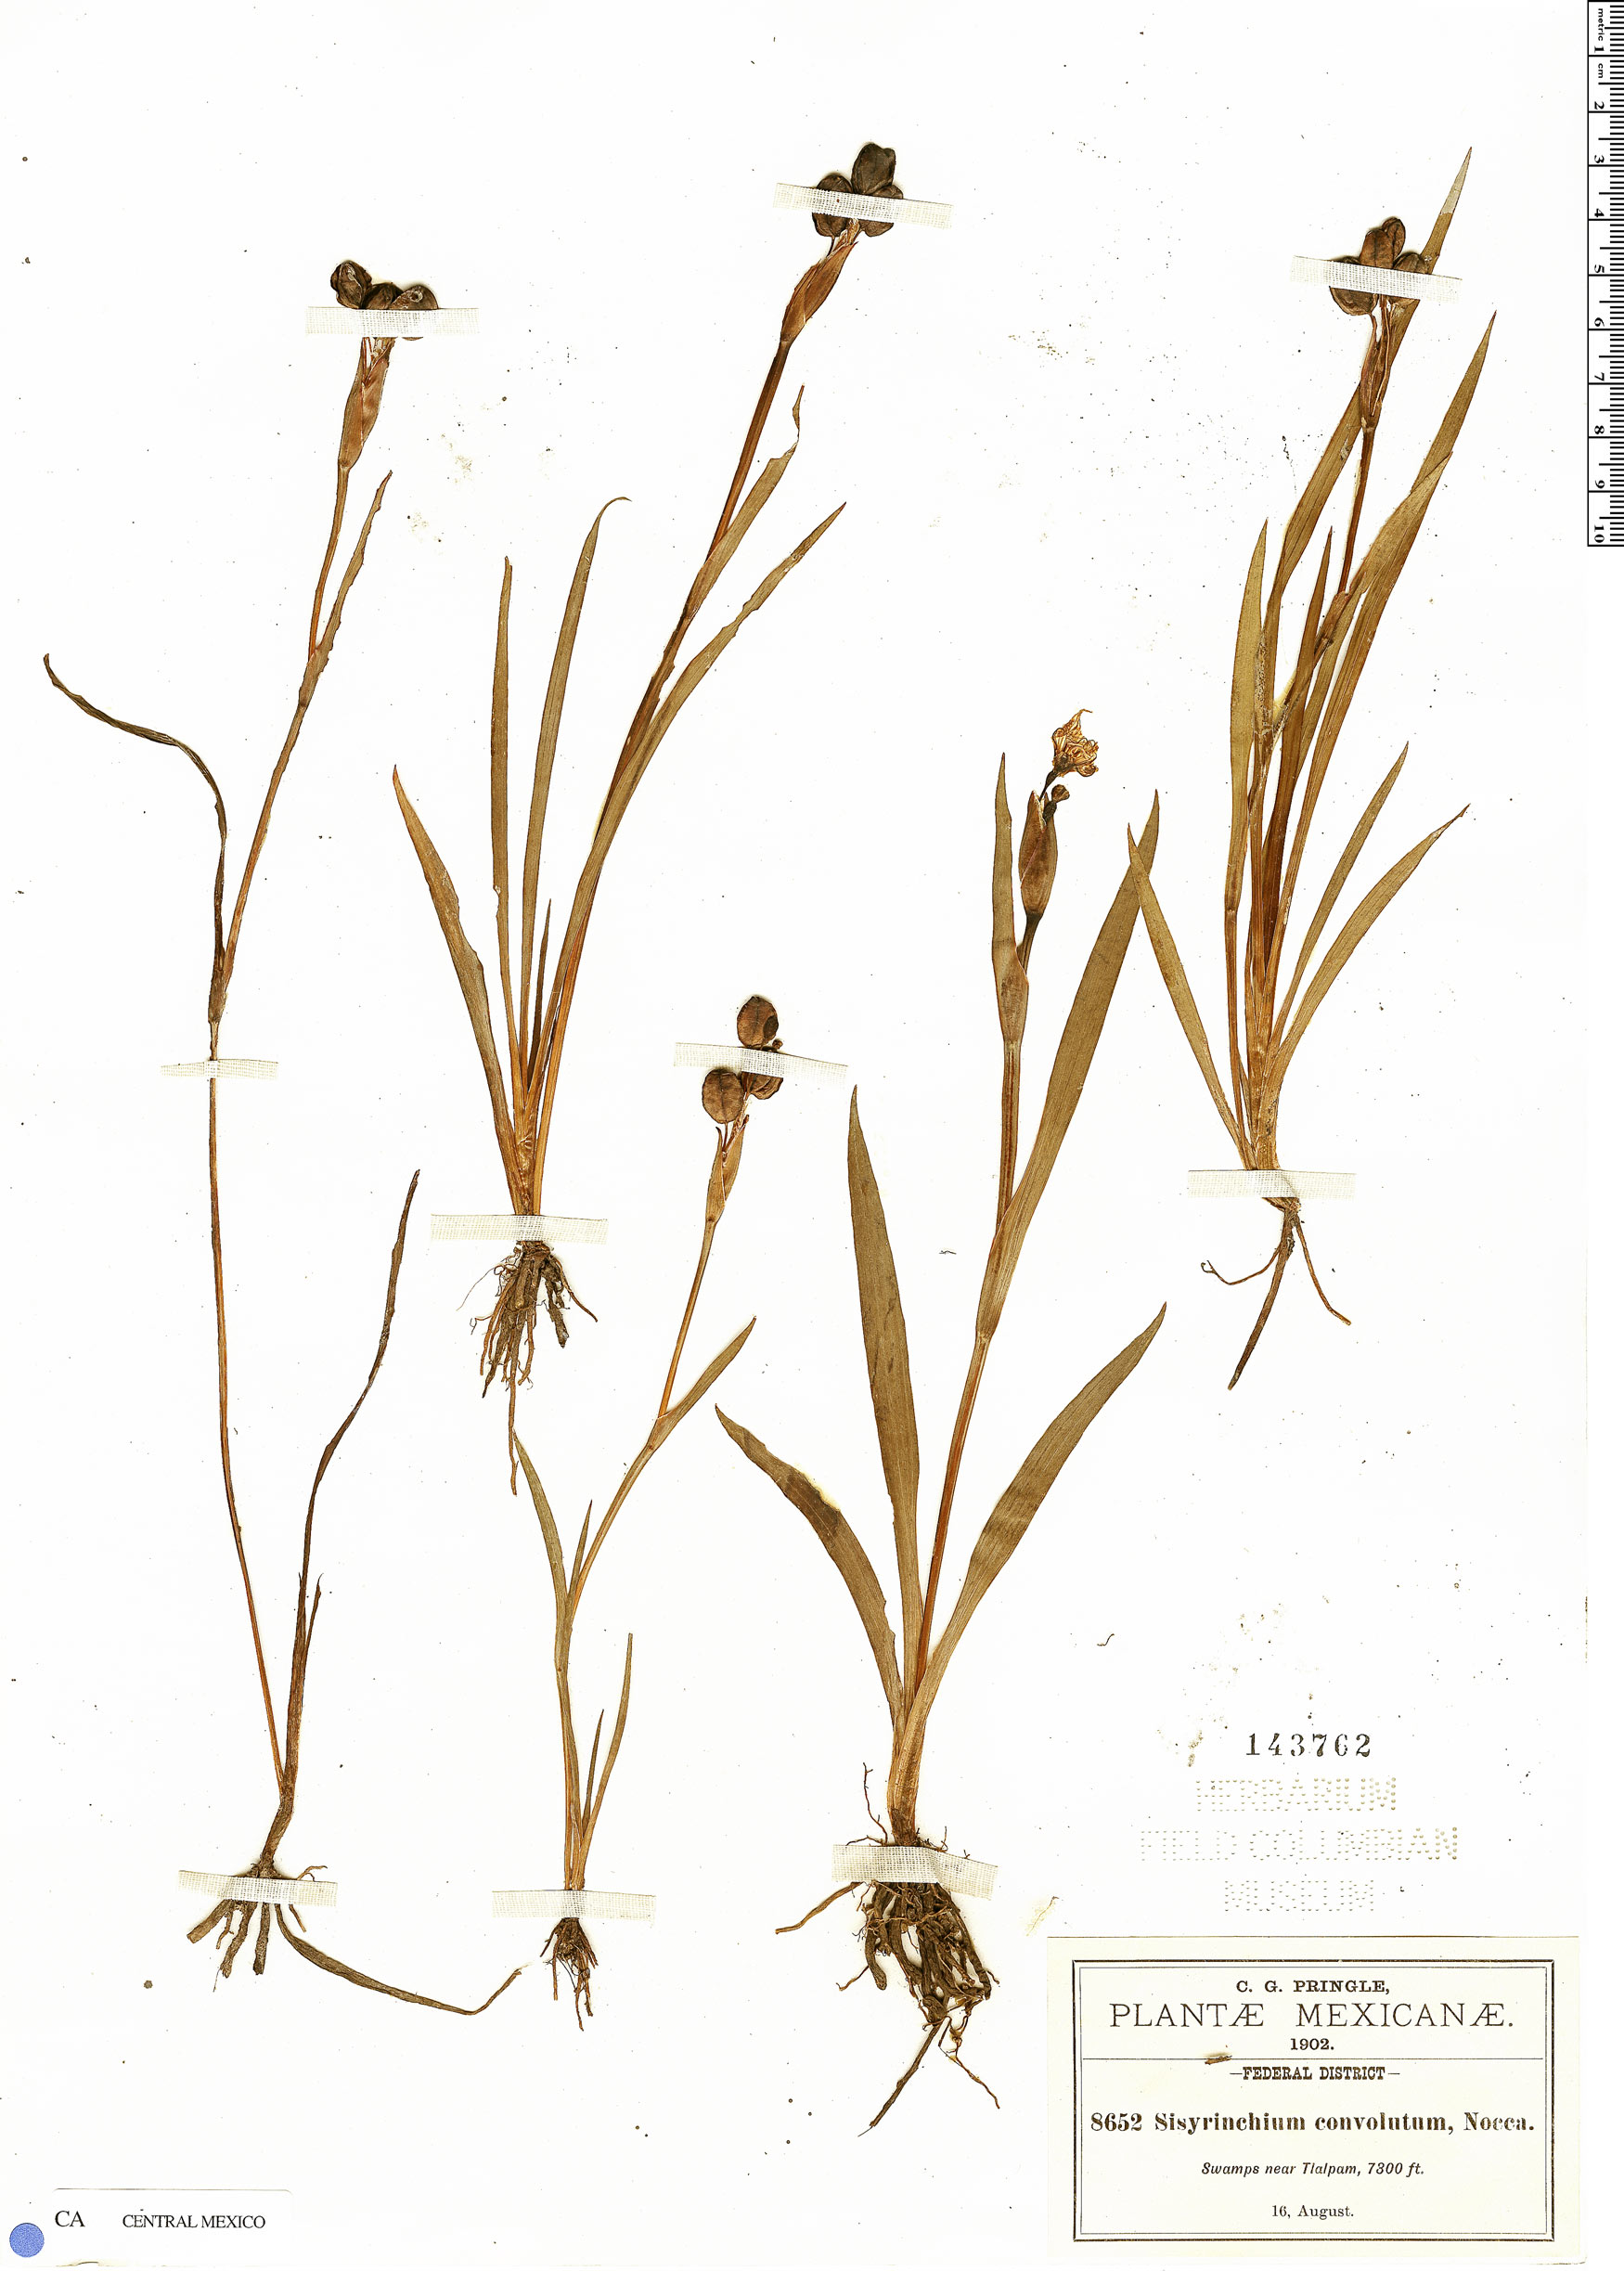 Specimen: Sisyrinchium convolutum